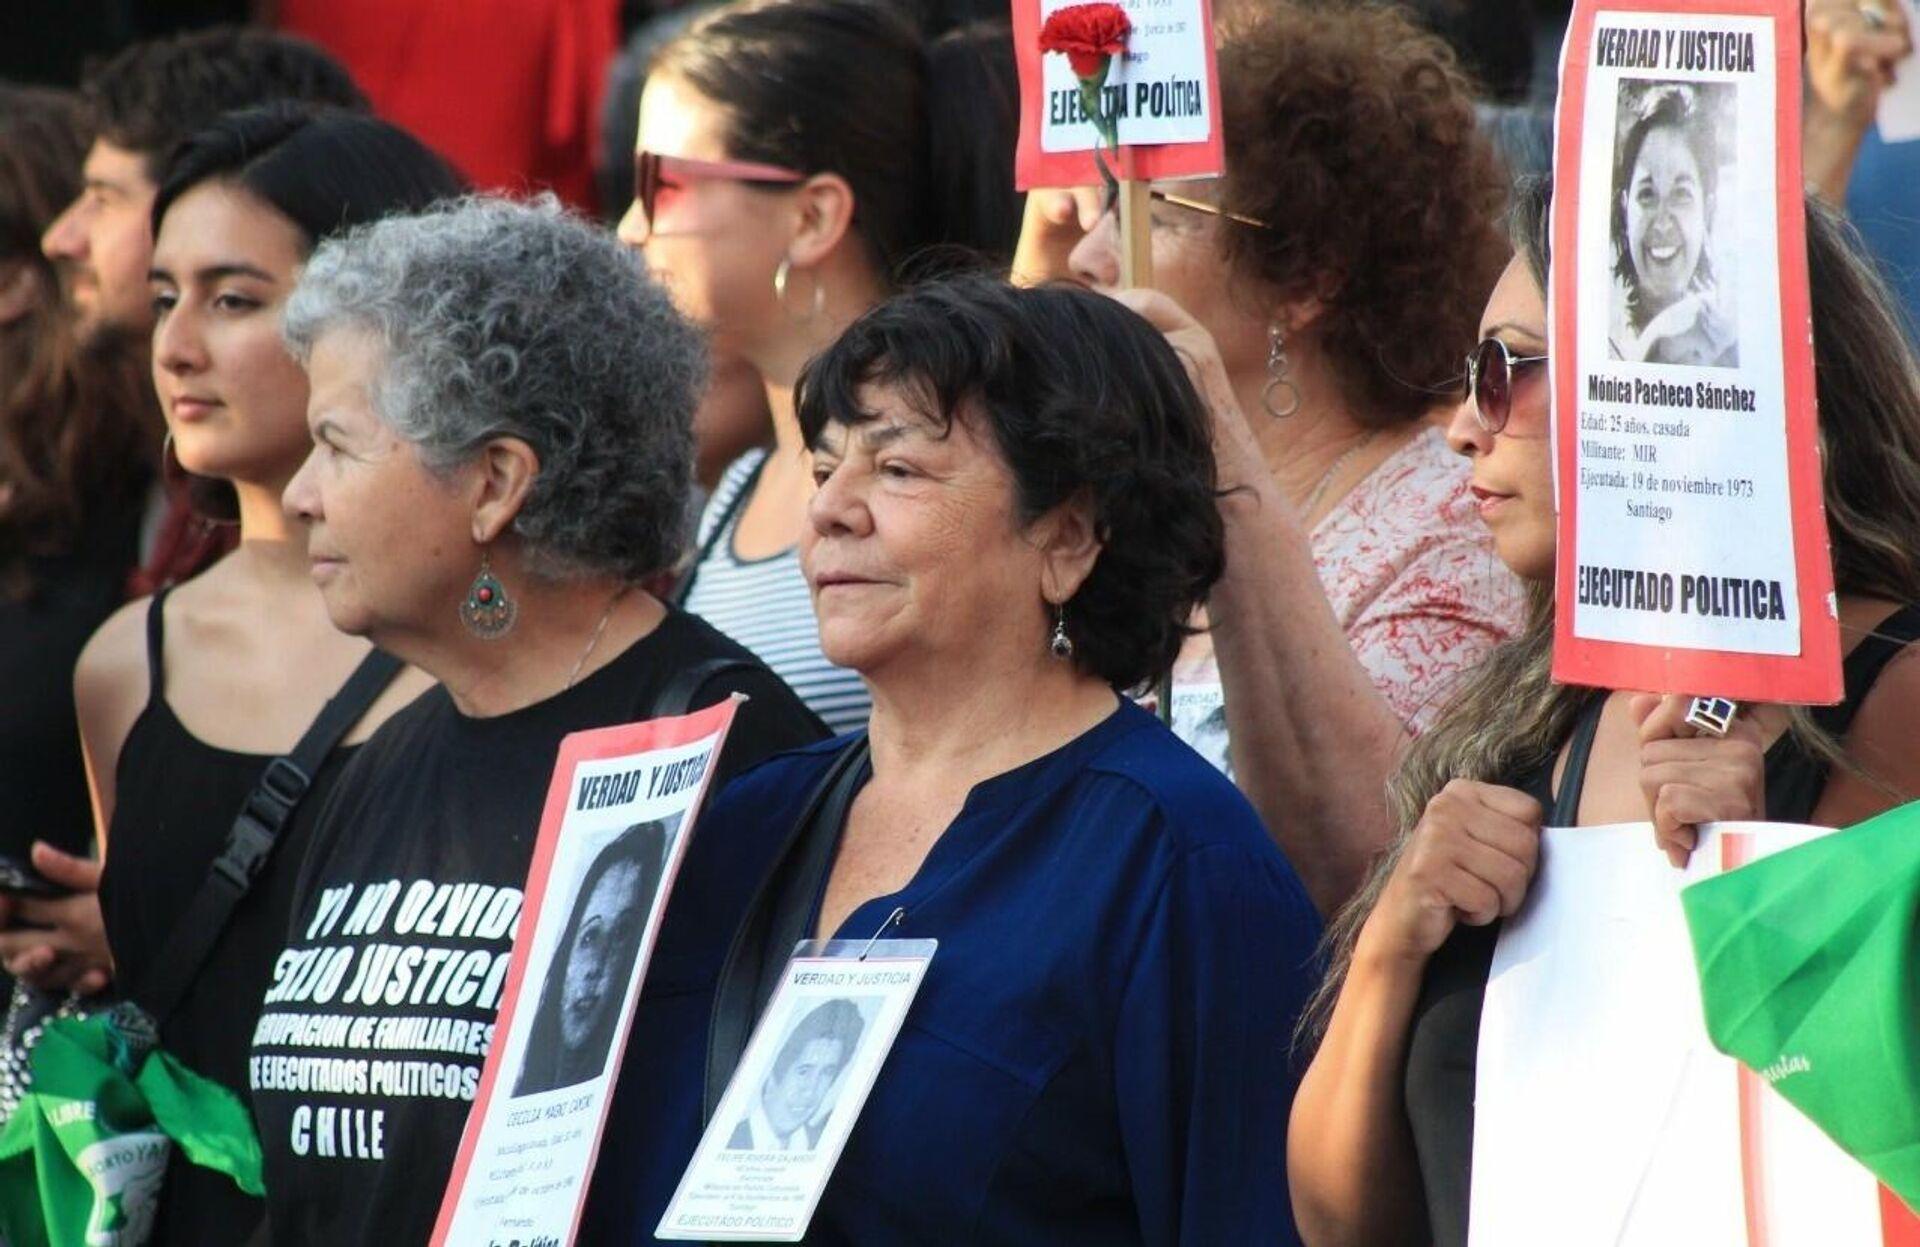 Alicia Lira (centro), presidenta de la Agrupación de Familiares de Ejecutados Políticos (AFEP) de Chile - Sputnik Mundo, 1920, 30.09.2021